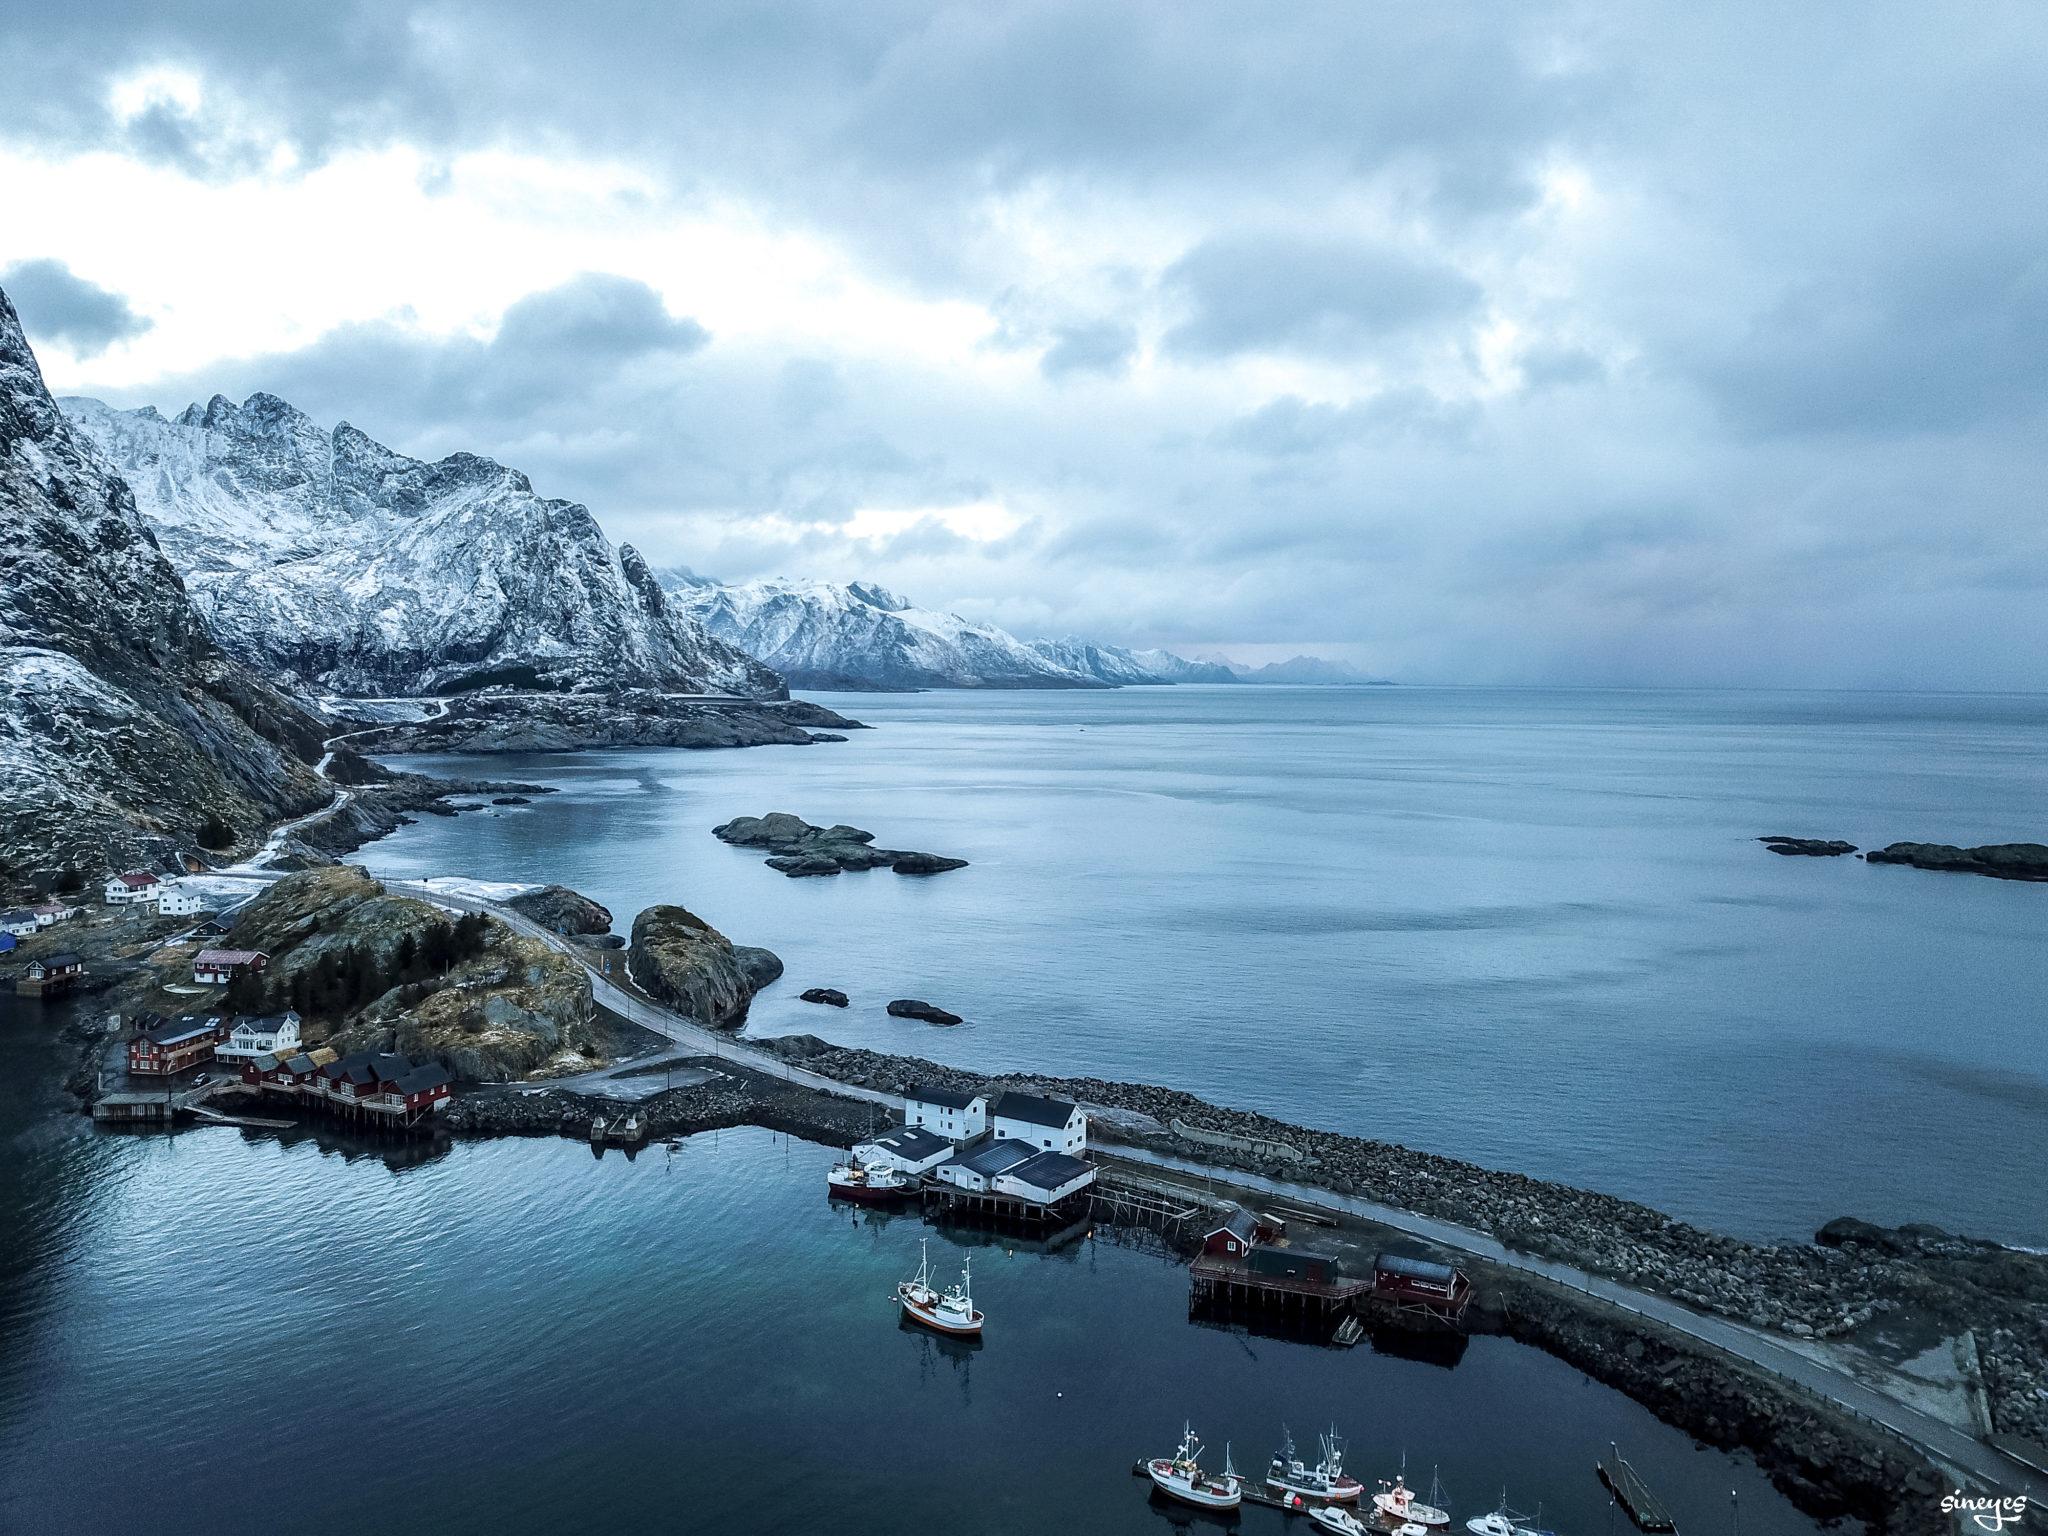 Froid - Iles lofoten, Norvège by sineyes